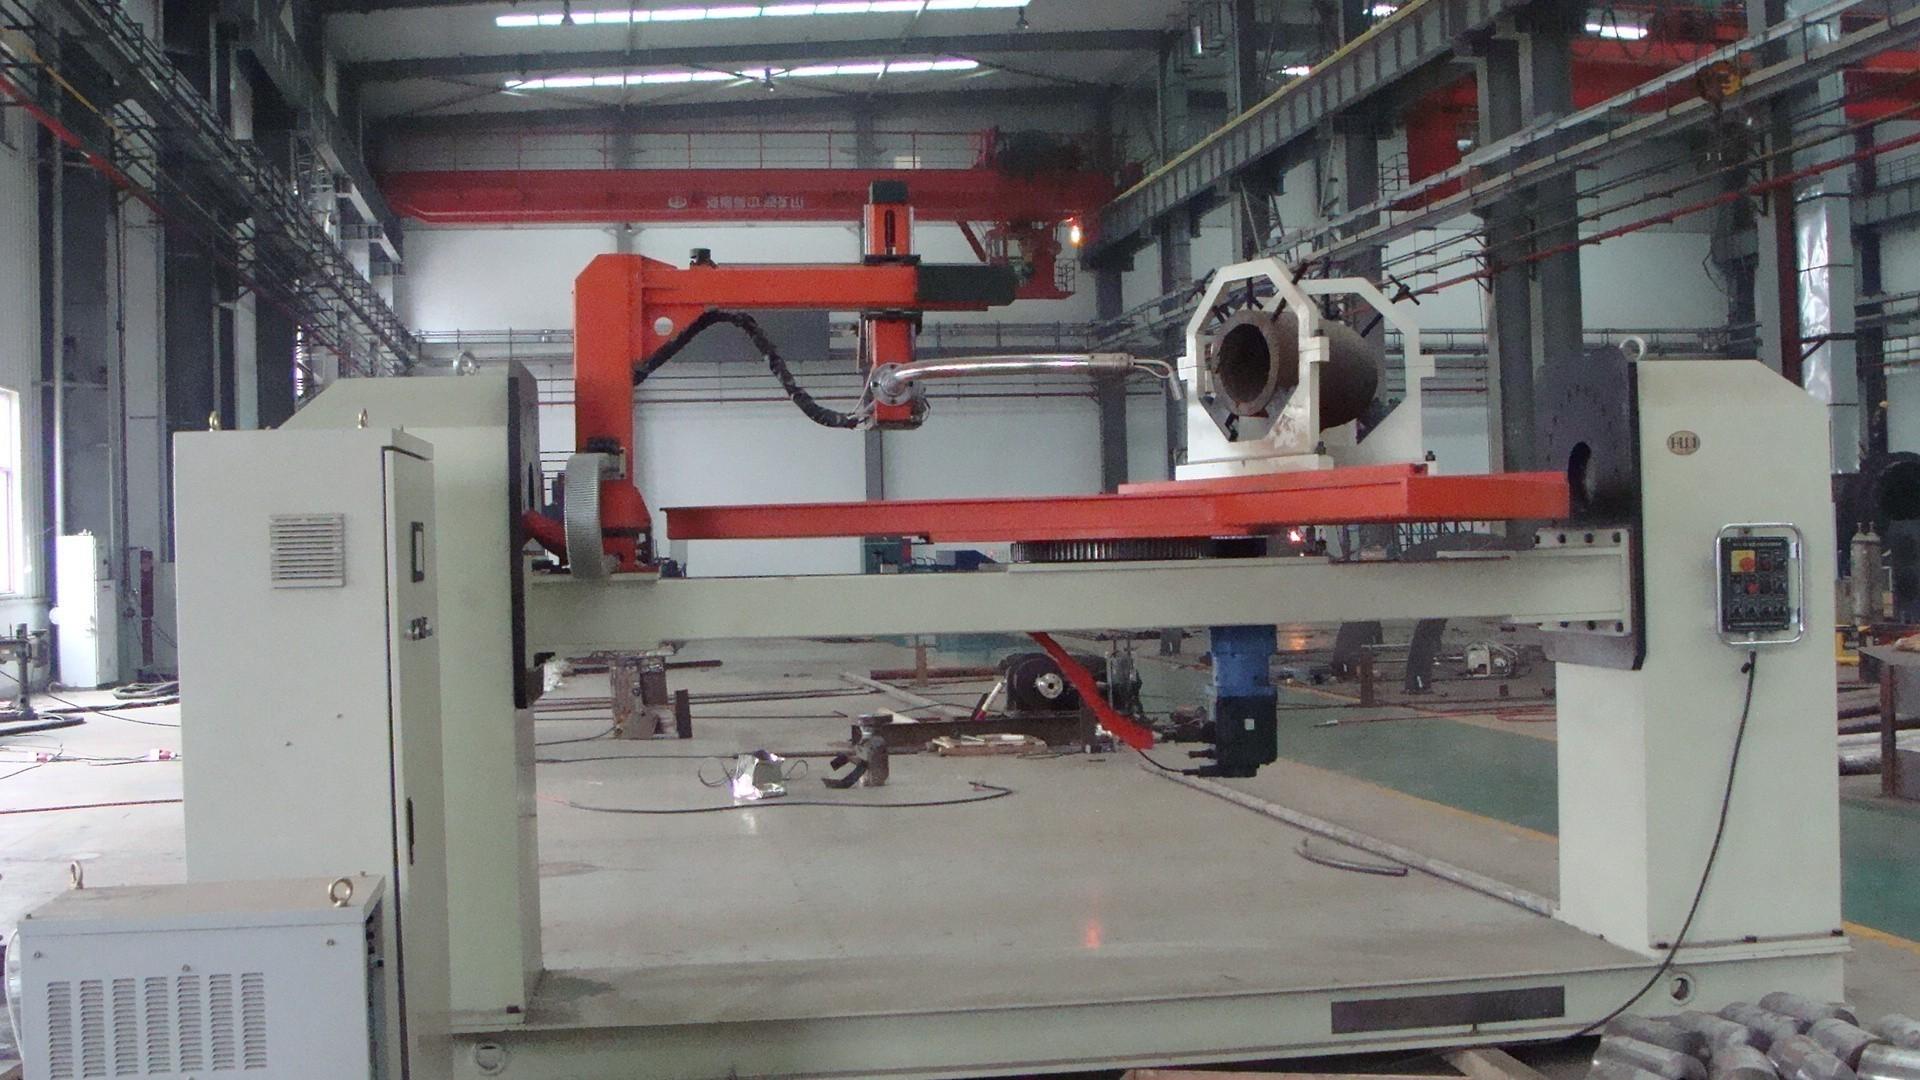 定做堆焊弯管设备,碳化铬堆焊弯管设备,碳化钨弯管堆焊设备